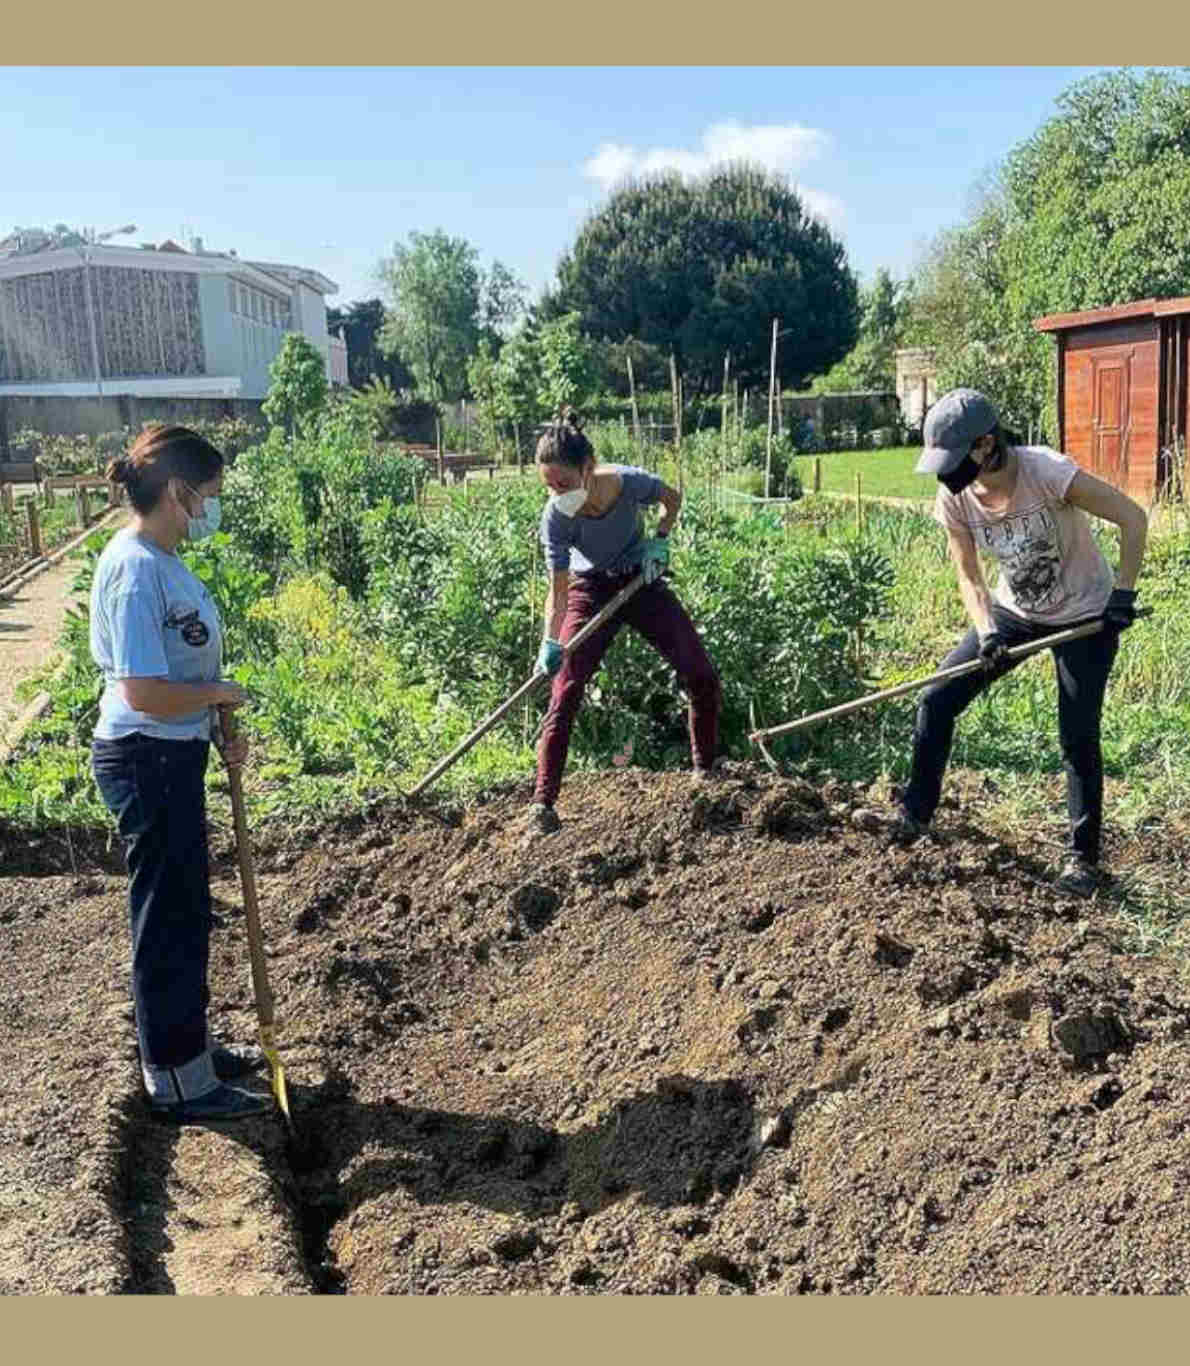 Três colaboradores do restaurante a trabalhar na horta. Duas raparigas cavam a terra, enquanto uma terceira as observa.